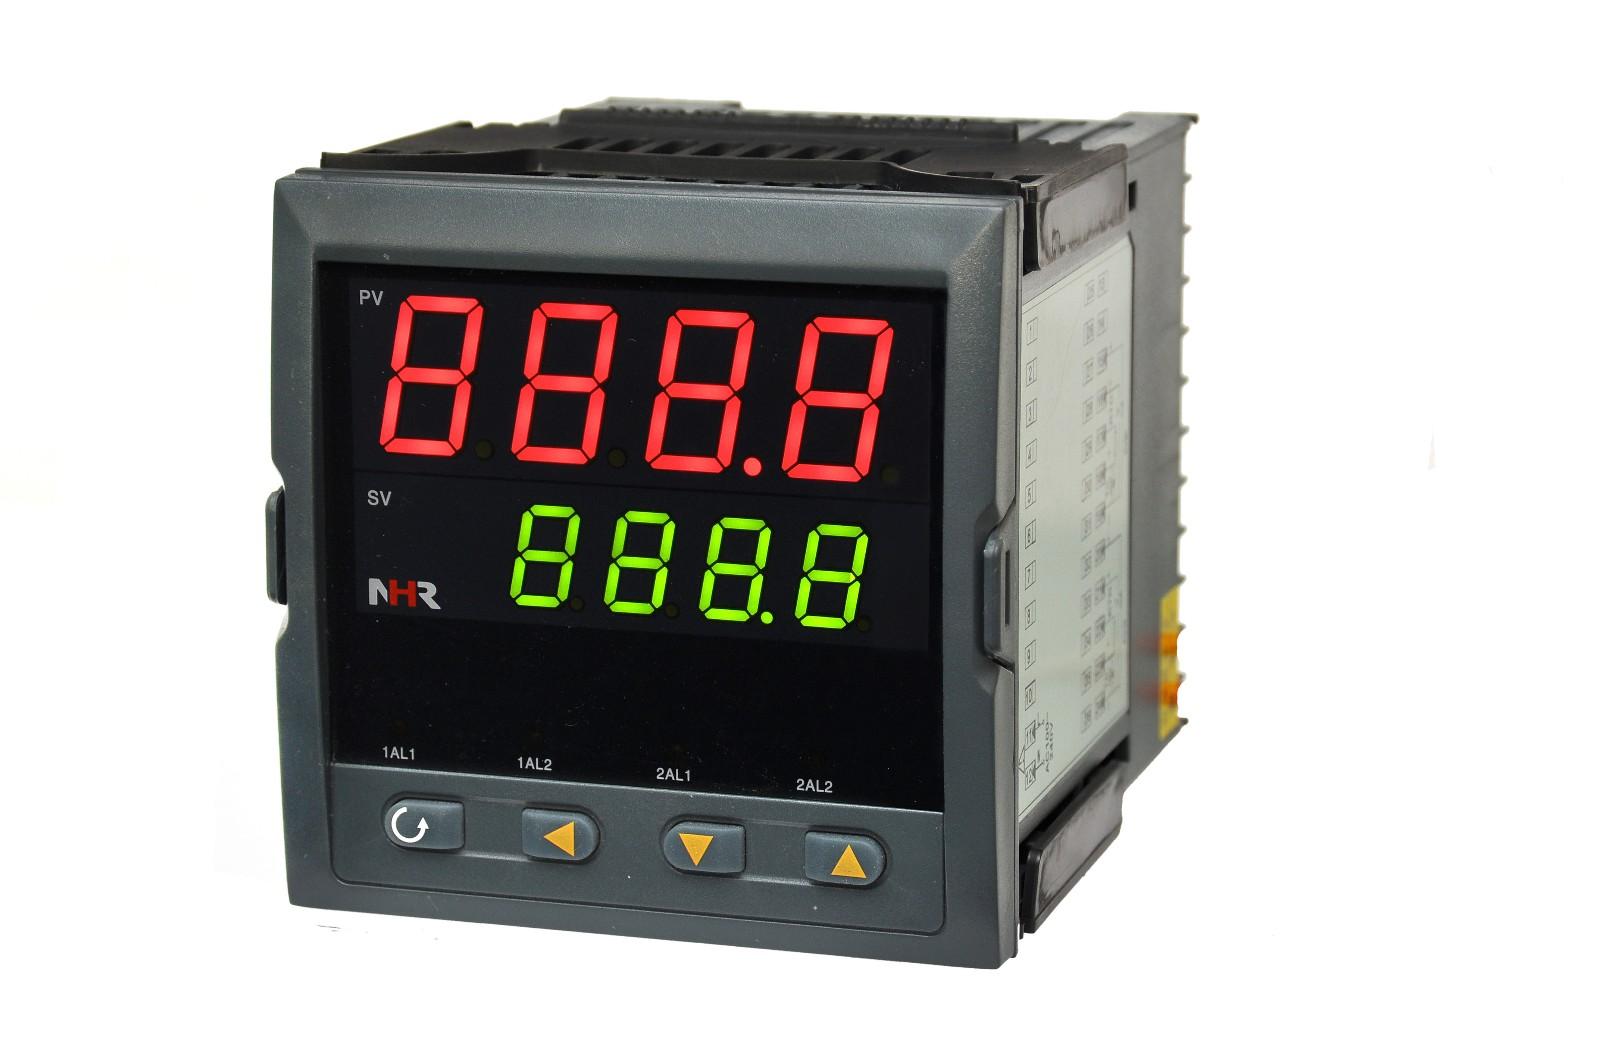 酸度ph计-卫生型压力变送器-上海速坤仪器仪表有限公司